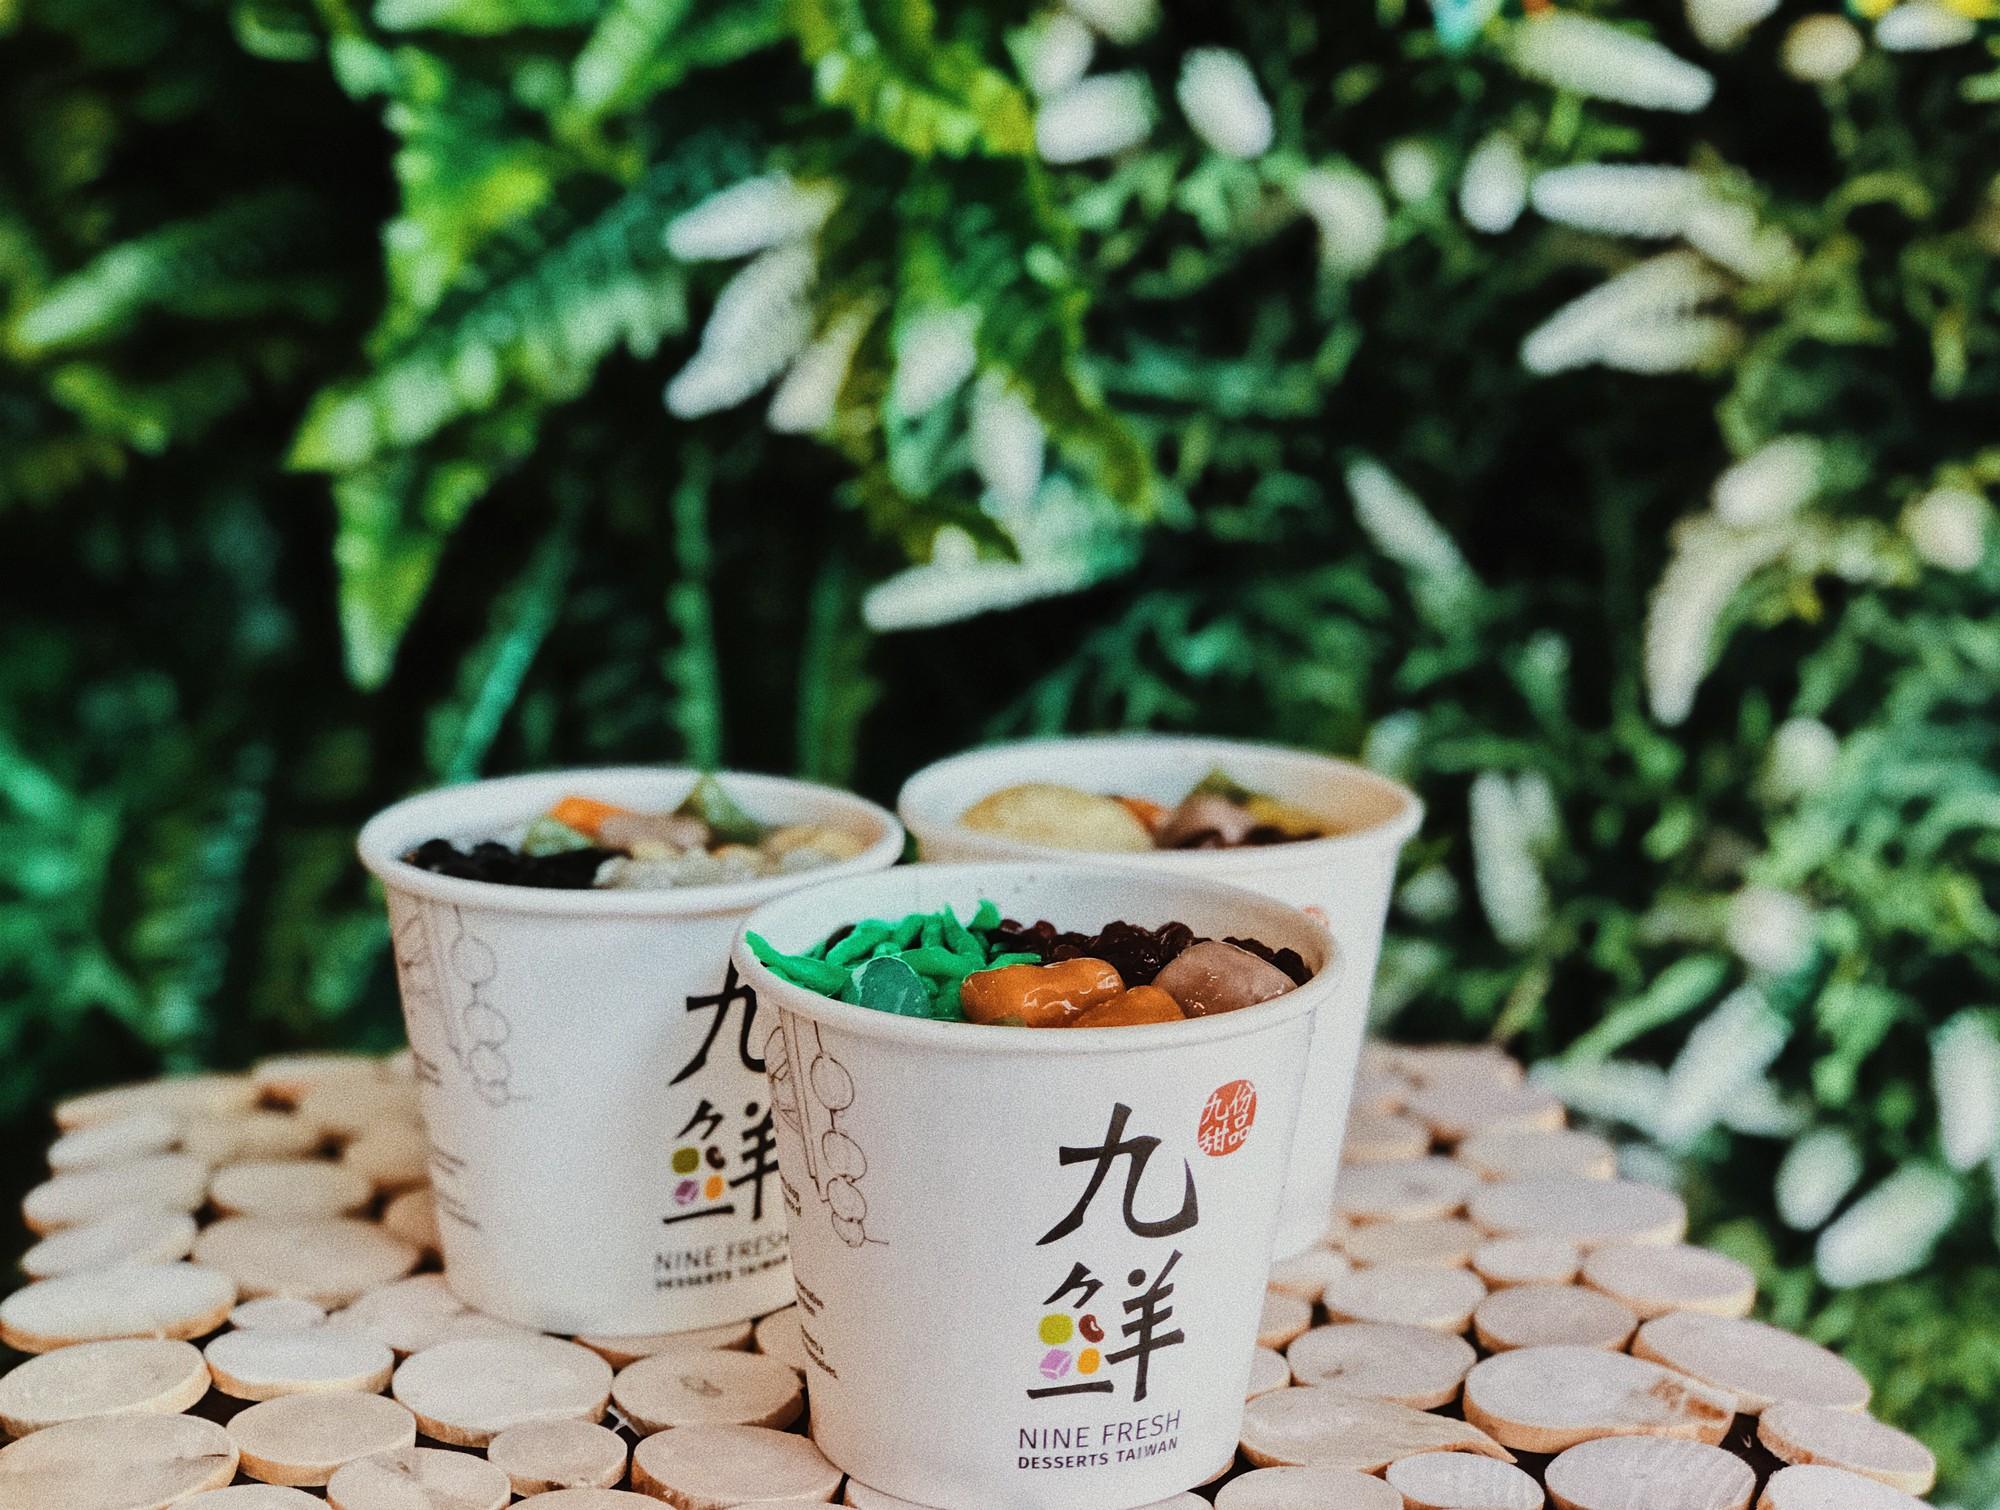 Đến Singapore đừng quên tìm đến cửa hàng tráng miệng Nine Fresh để thưởng thức những phần chè thảo mộc thanh mát - Ảnh 6.